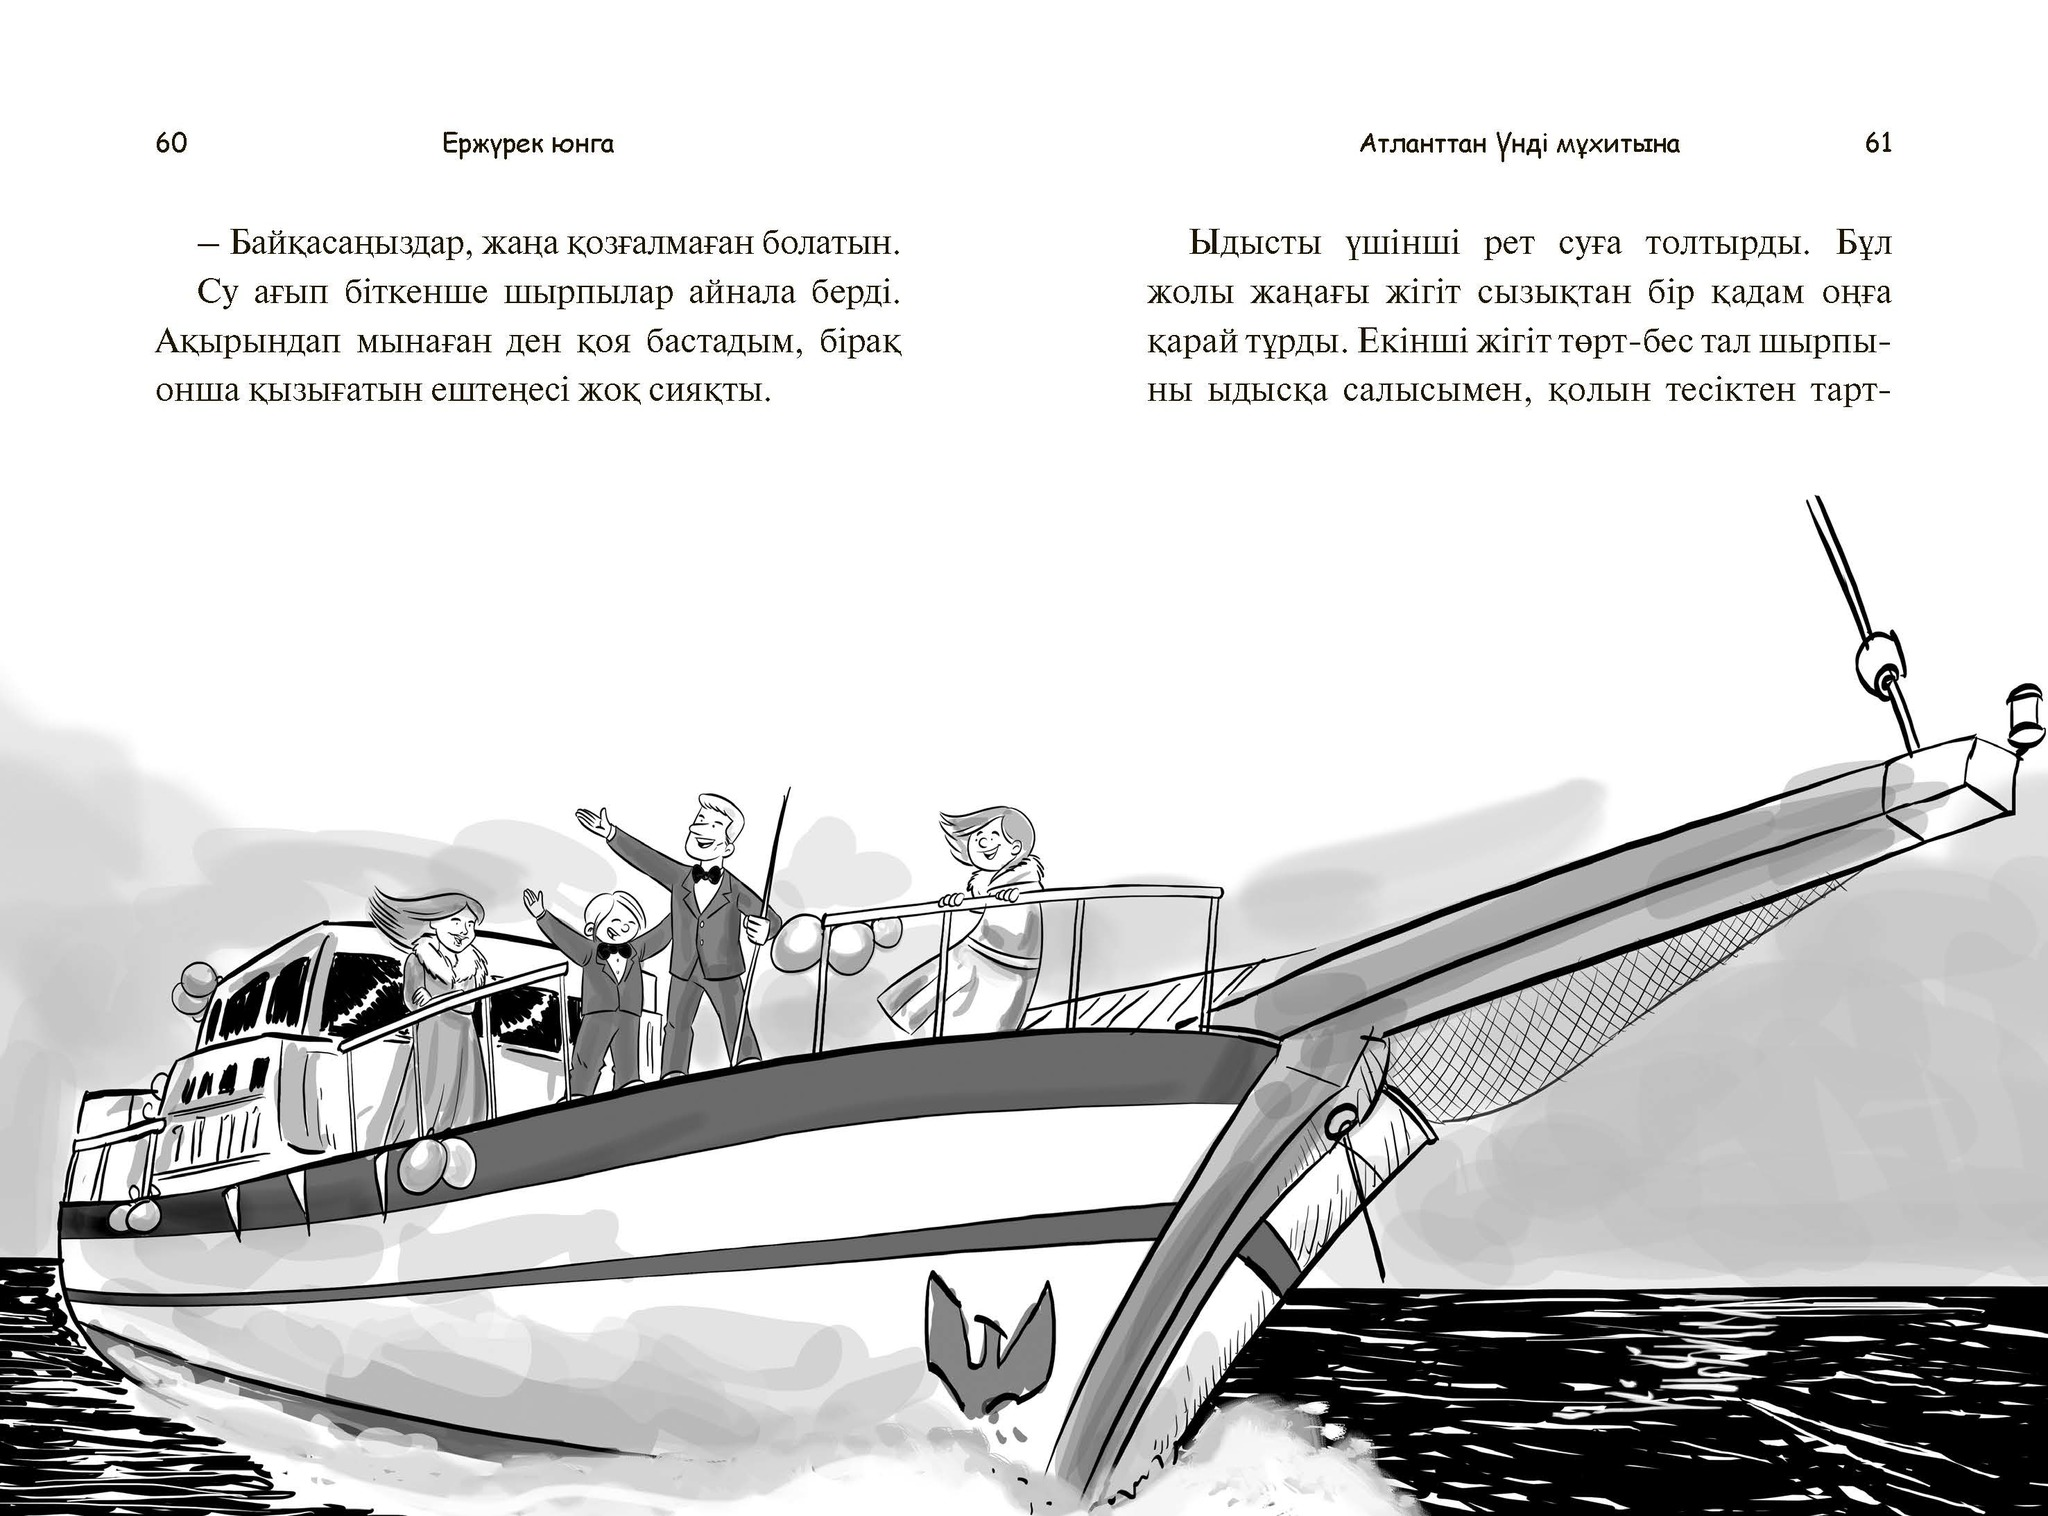 Ержүрек юнга: Атланттан Үнді мұхитына